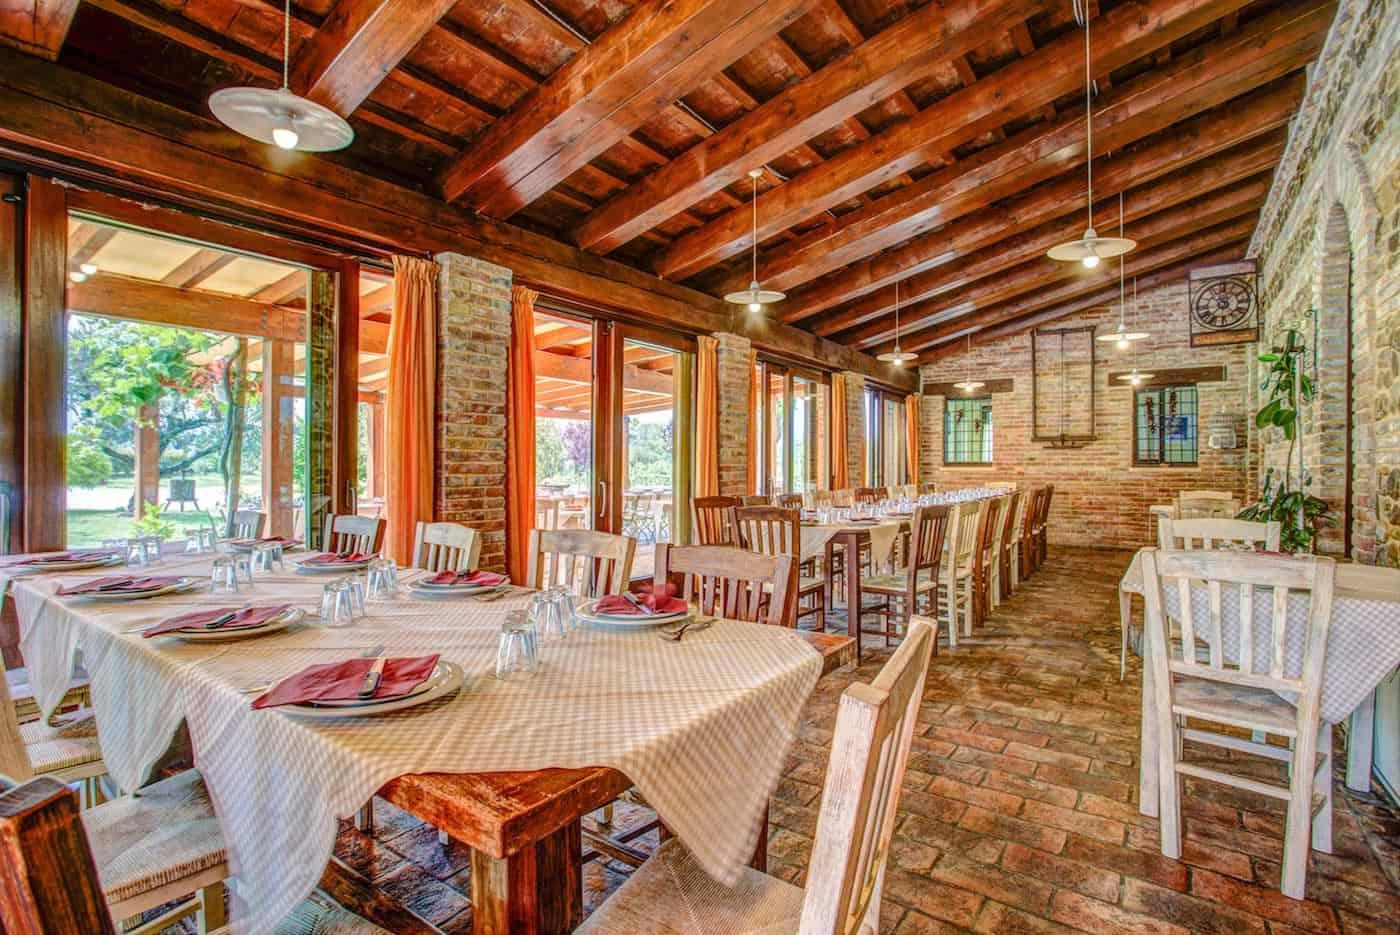 Servizi personalizzati per i ristornati e hotel - Rimini